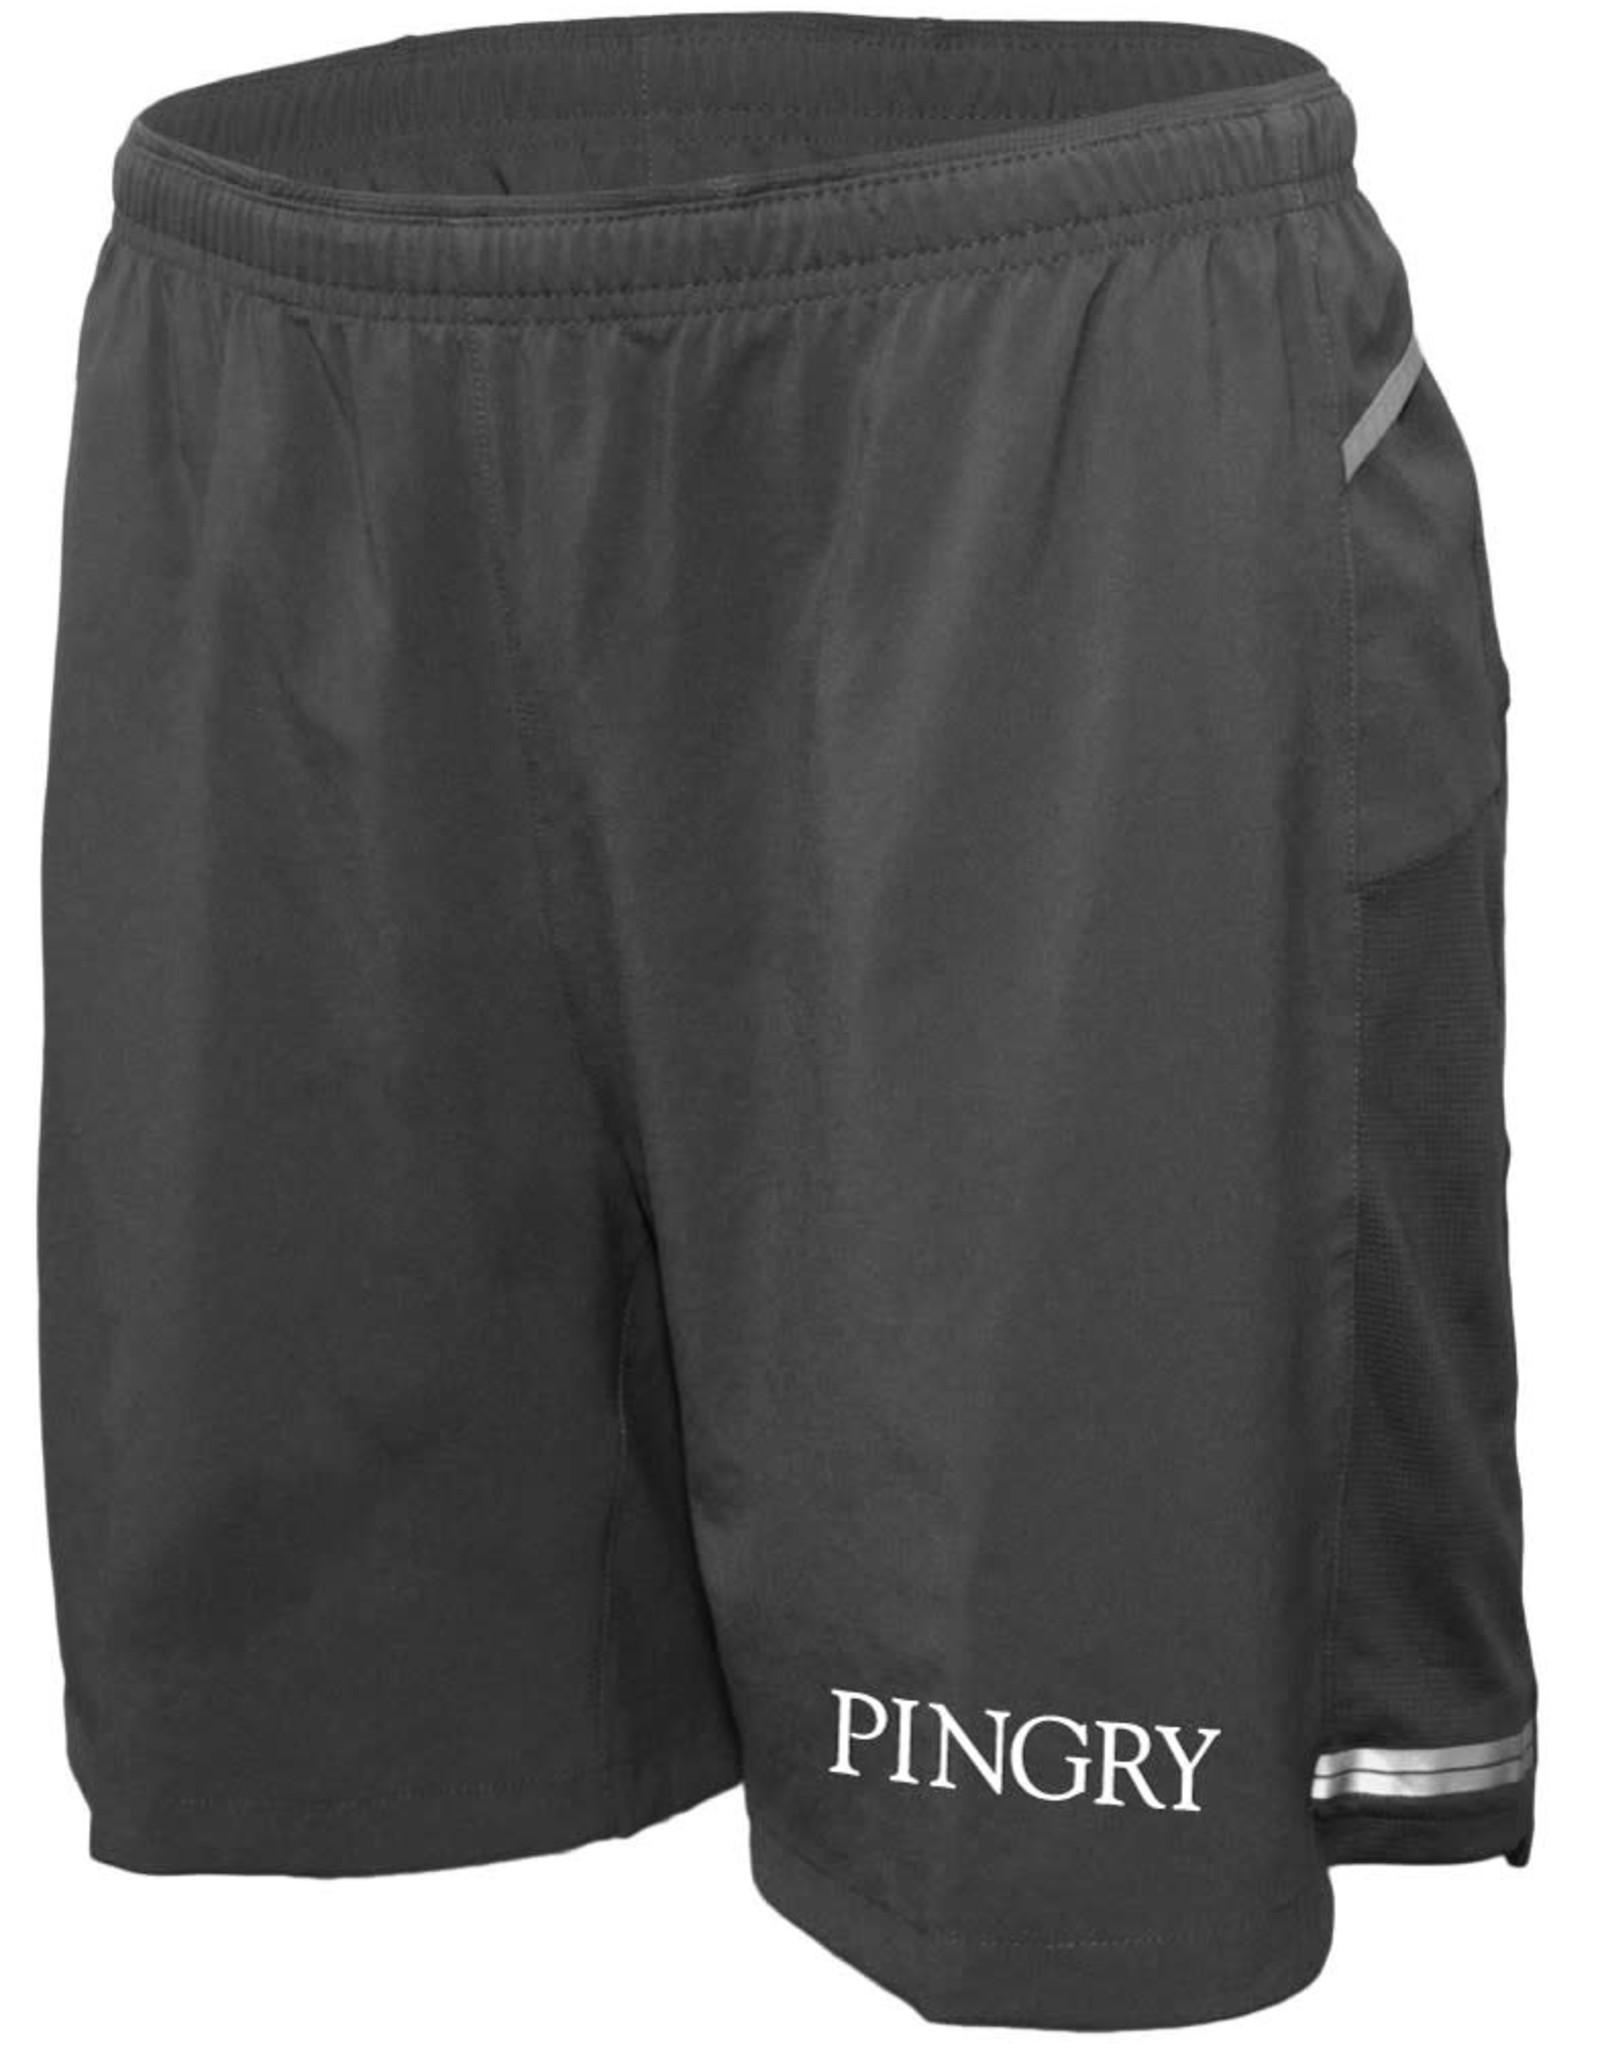 Running Shorts(Men's)-7 inch